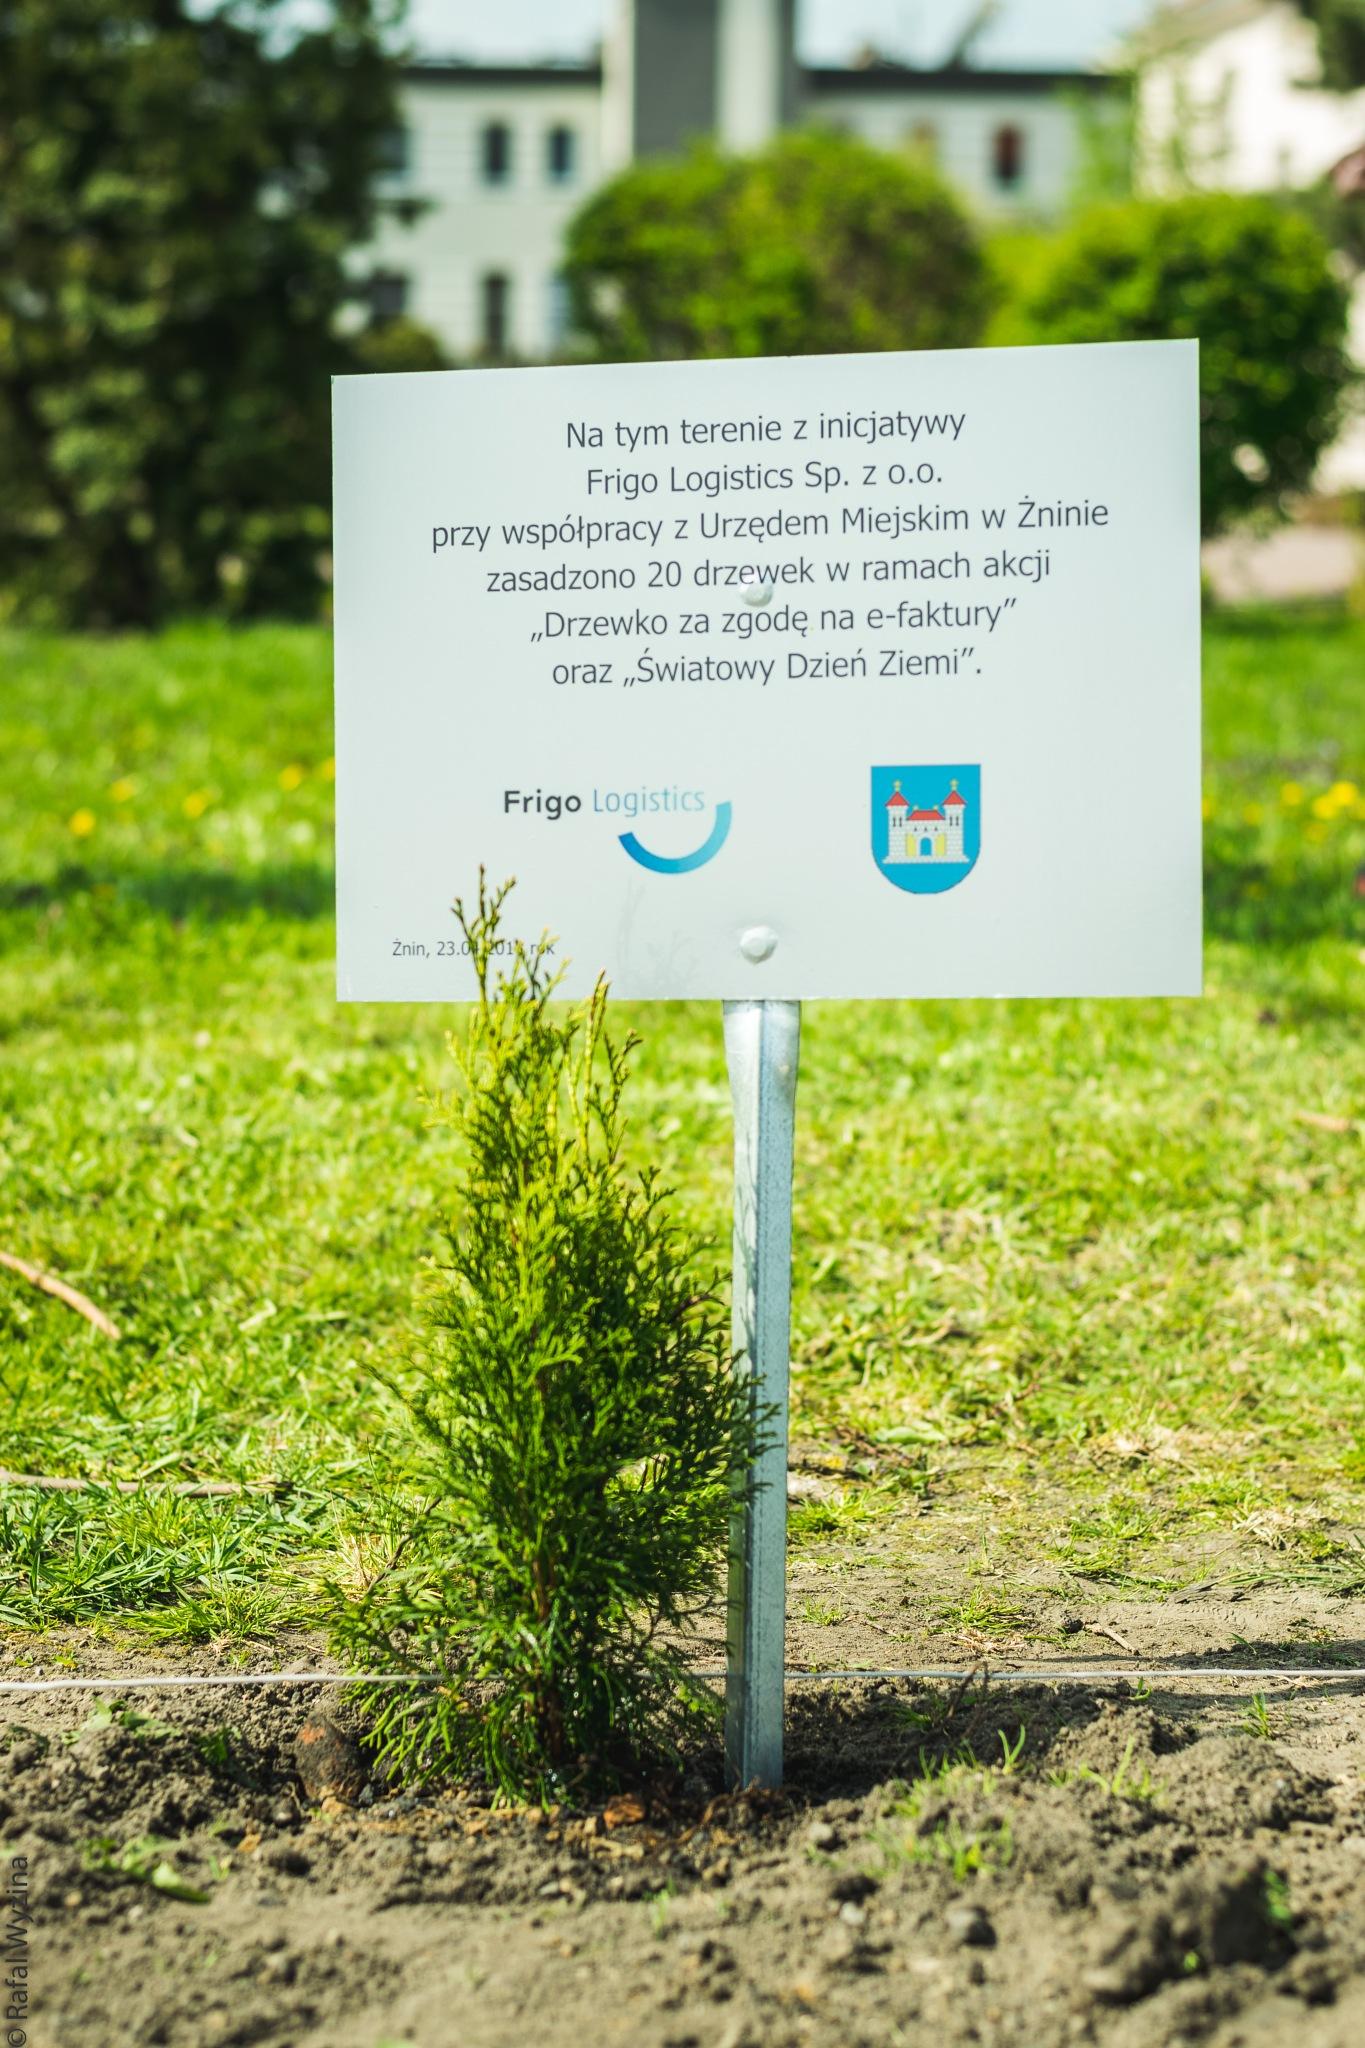 Earth Day by Rafał Wyzina